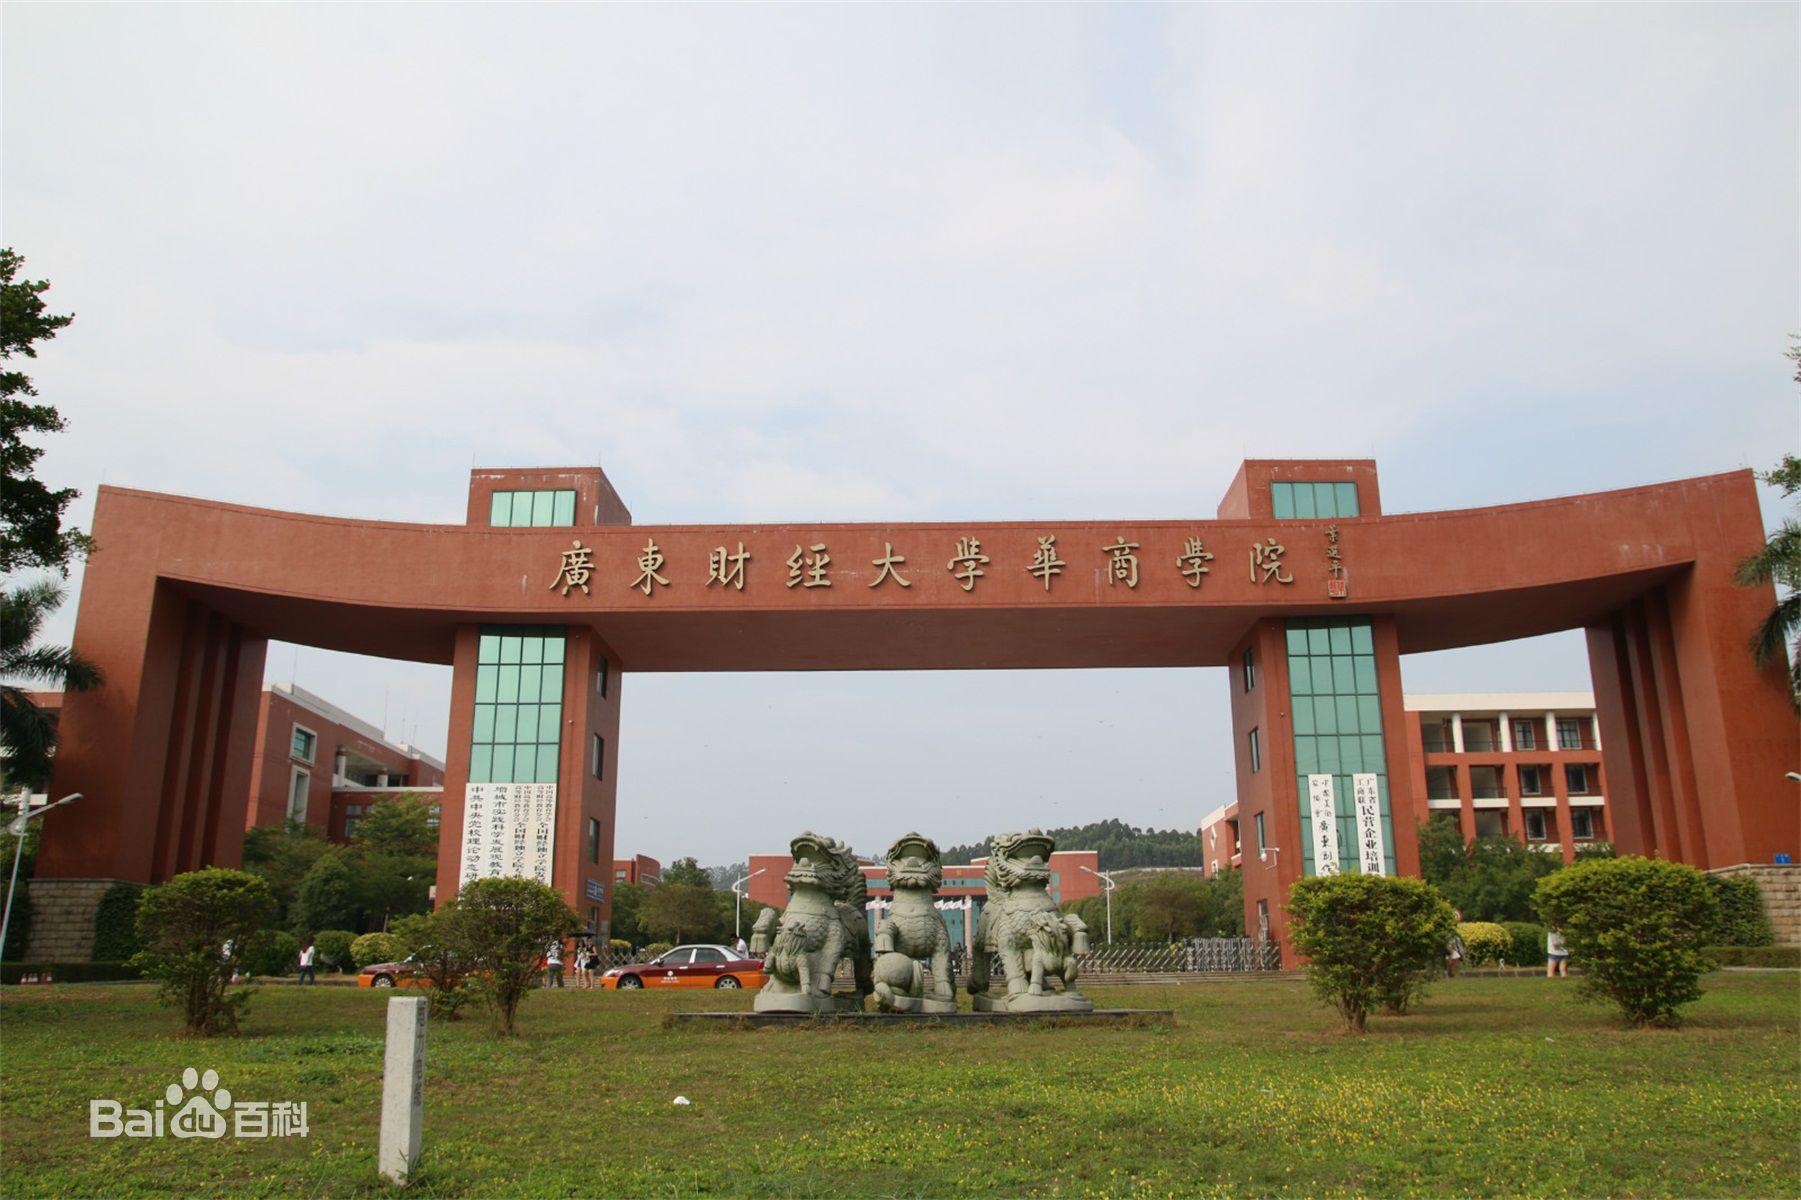 广东财经大学是211_广东财经大学华商学院怎么样?各专业学费标准多少?